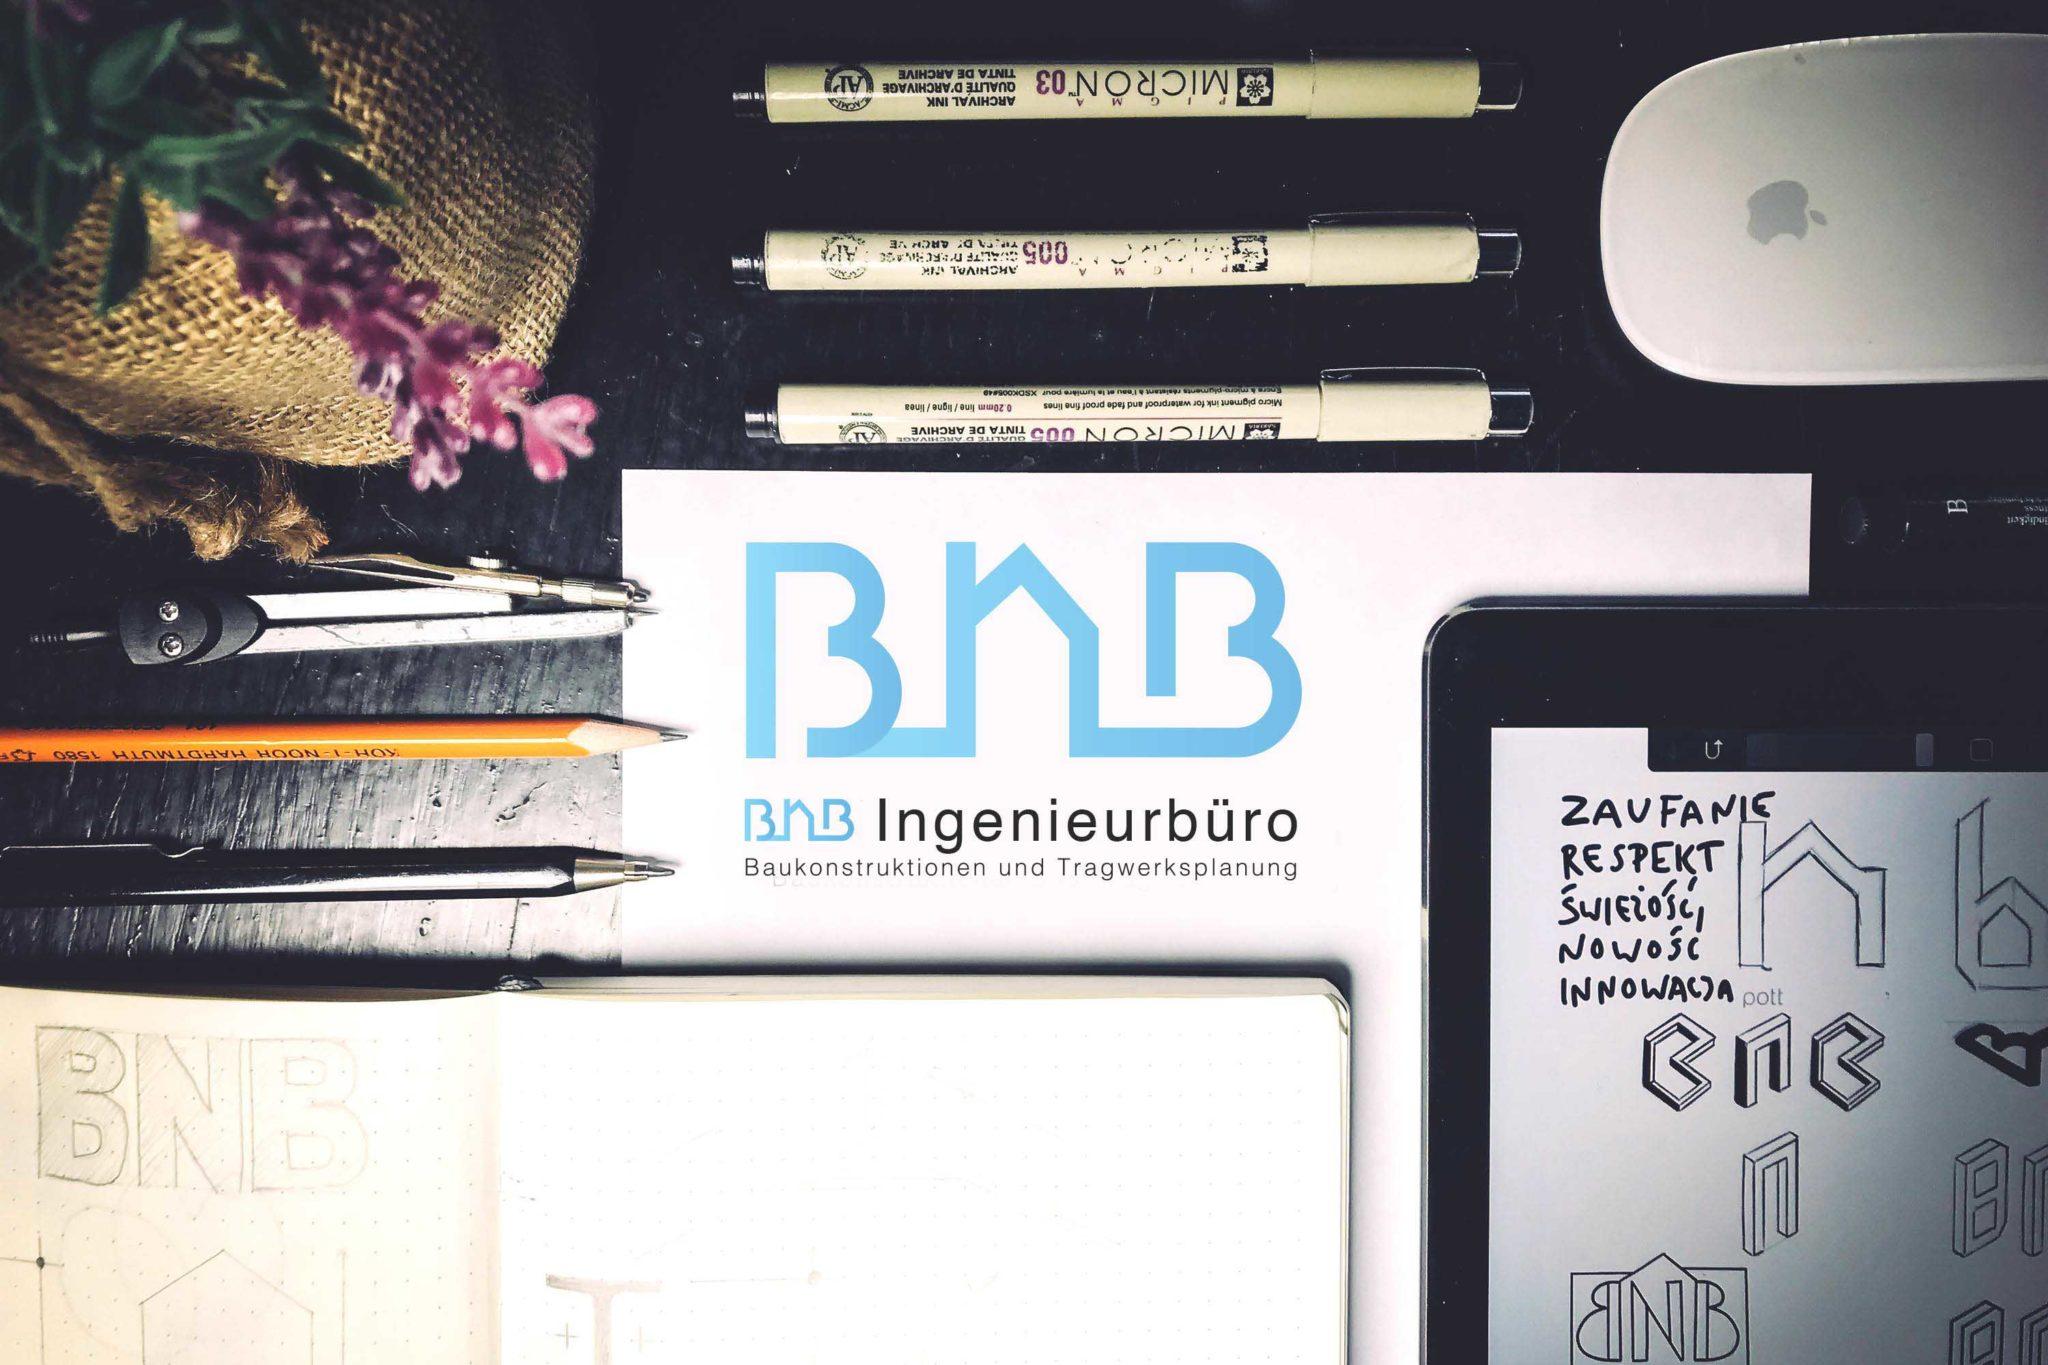 BNB Ingenieurbüro